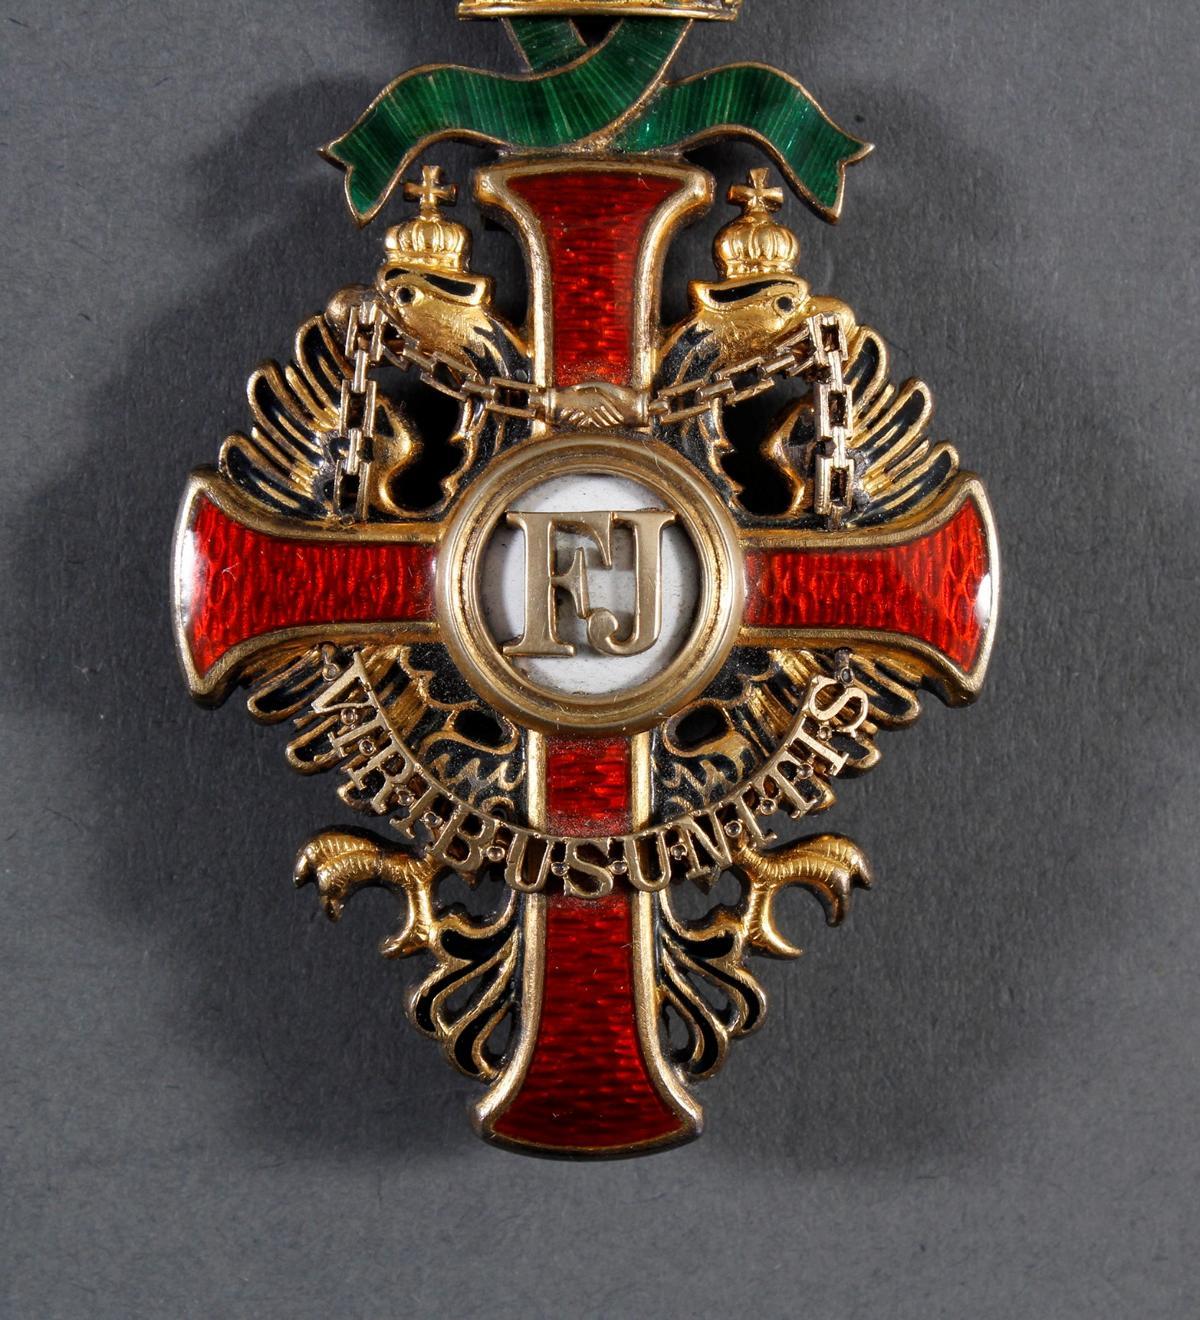 Franz Joseph-Orden, Offizierskreuz mit Kriegsdekoration (KD)-4